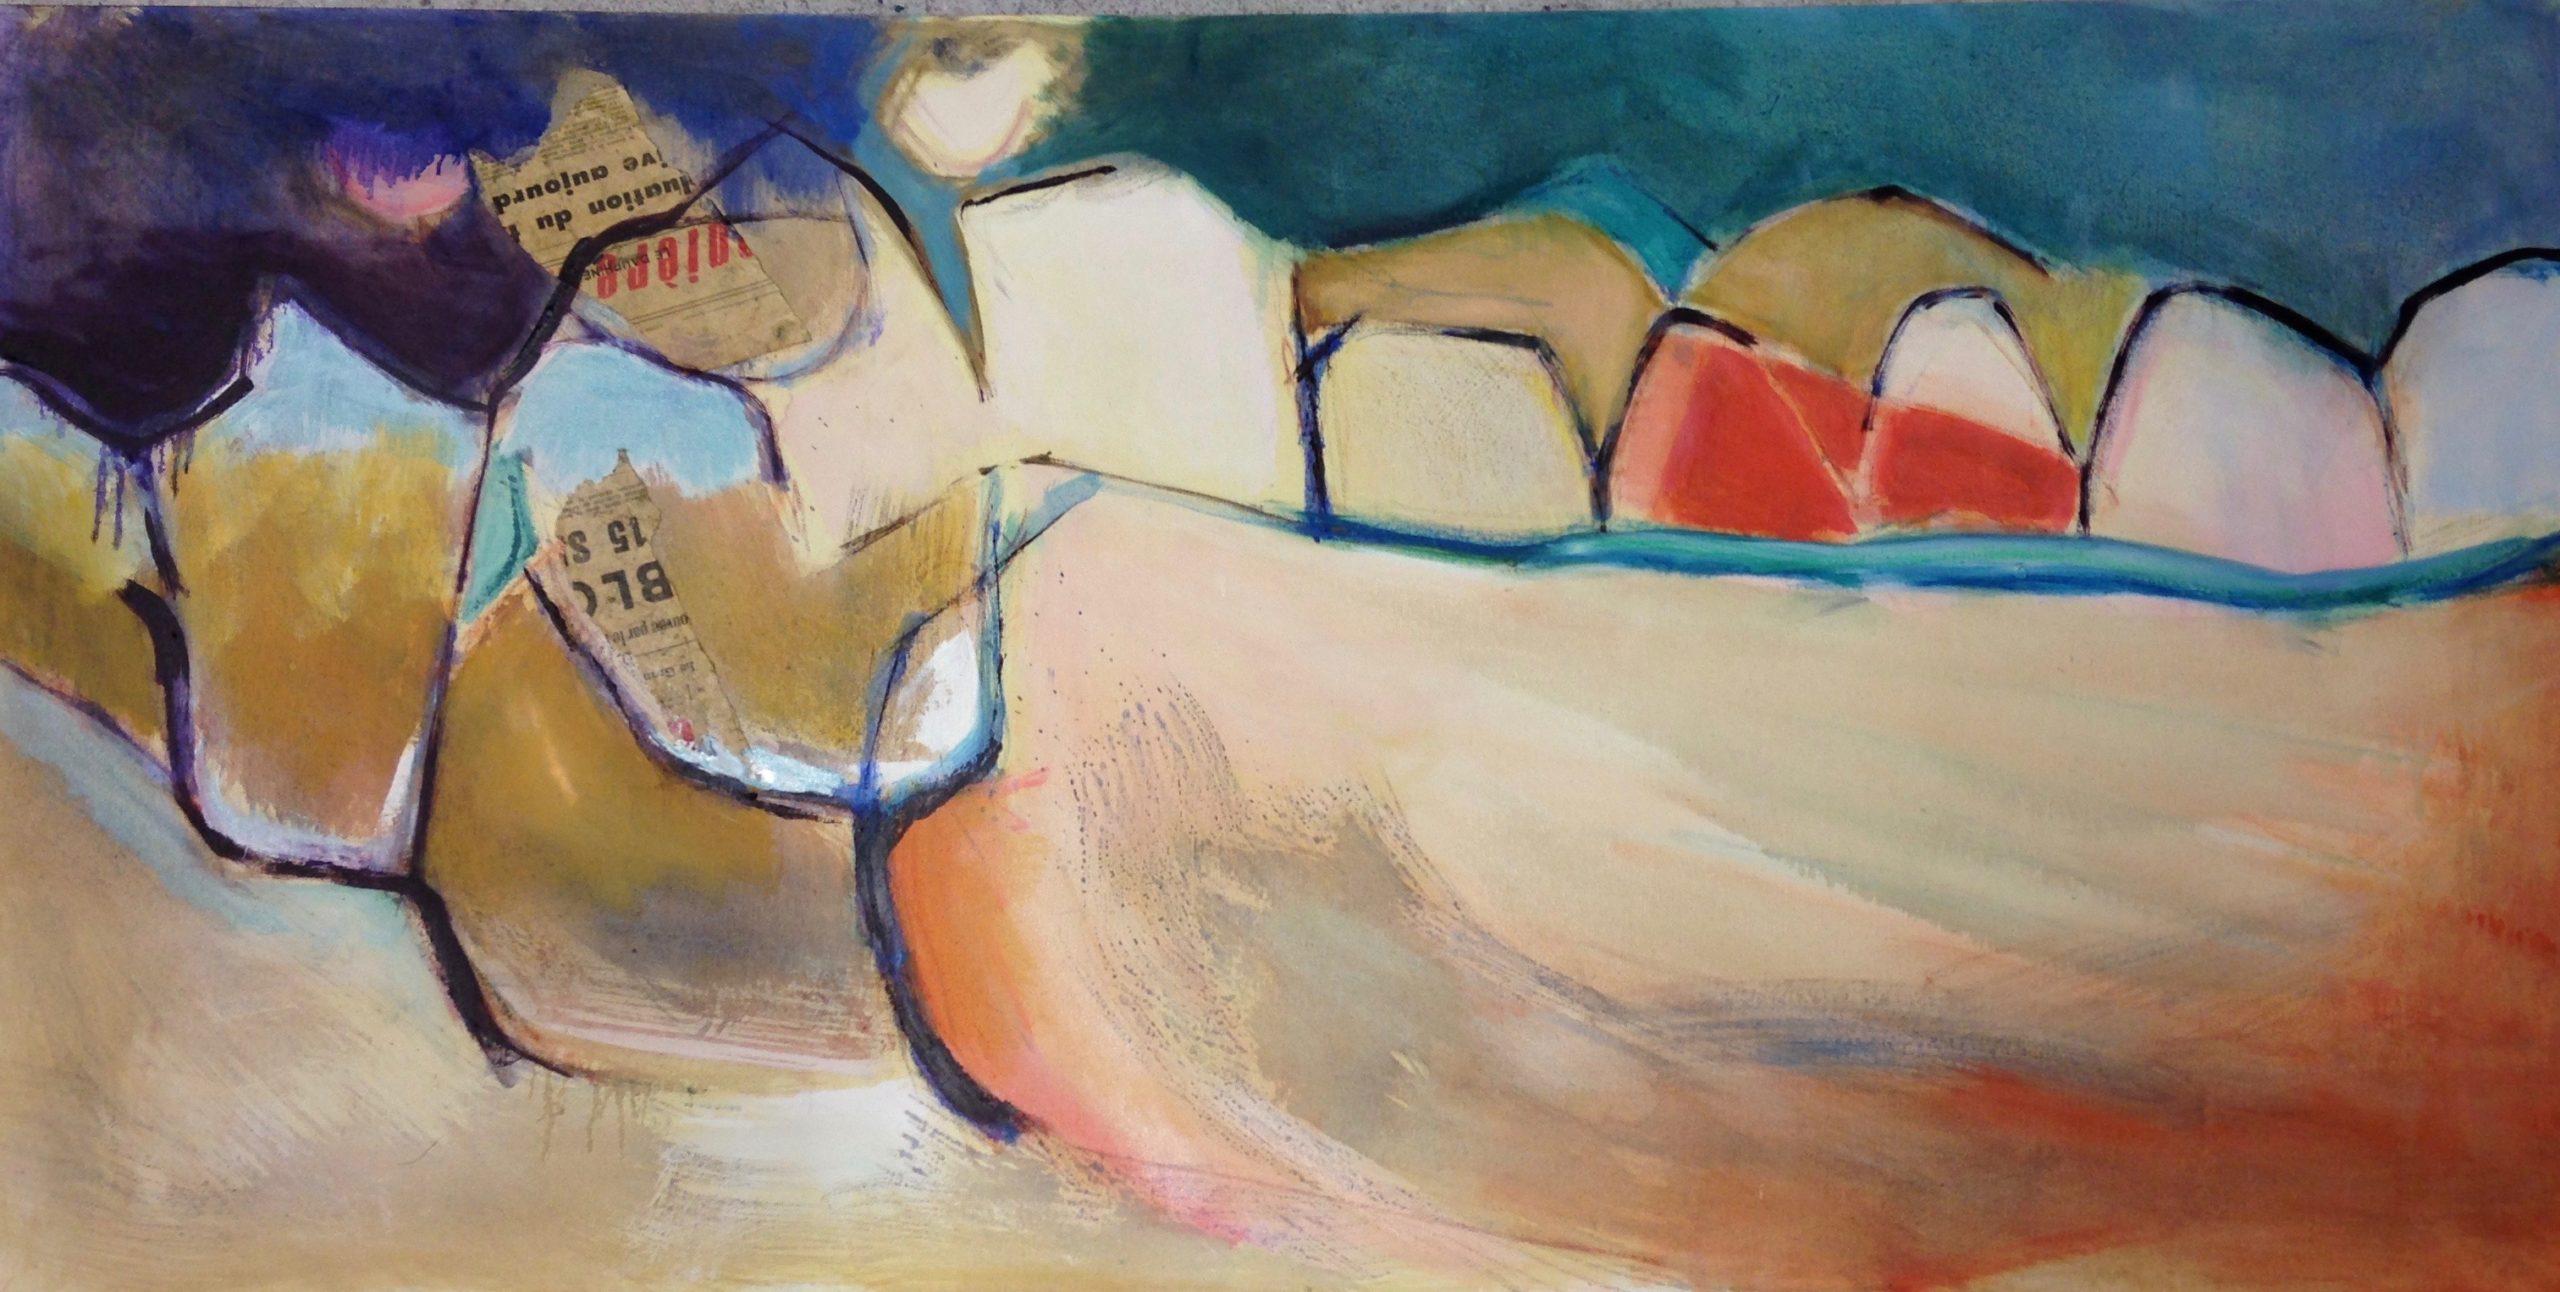 Pommiers, soir Pippa Spiers 60 x 120 cm, oil on canvas